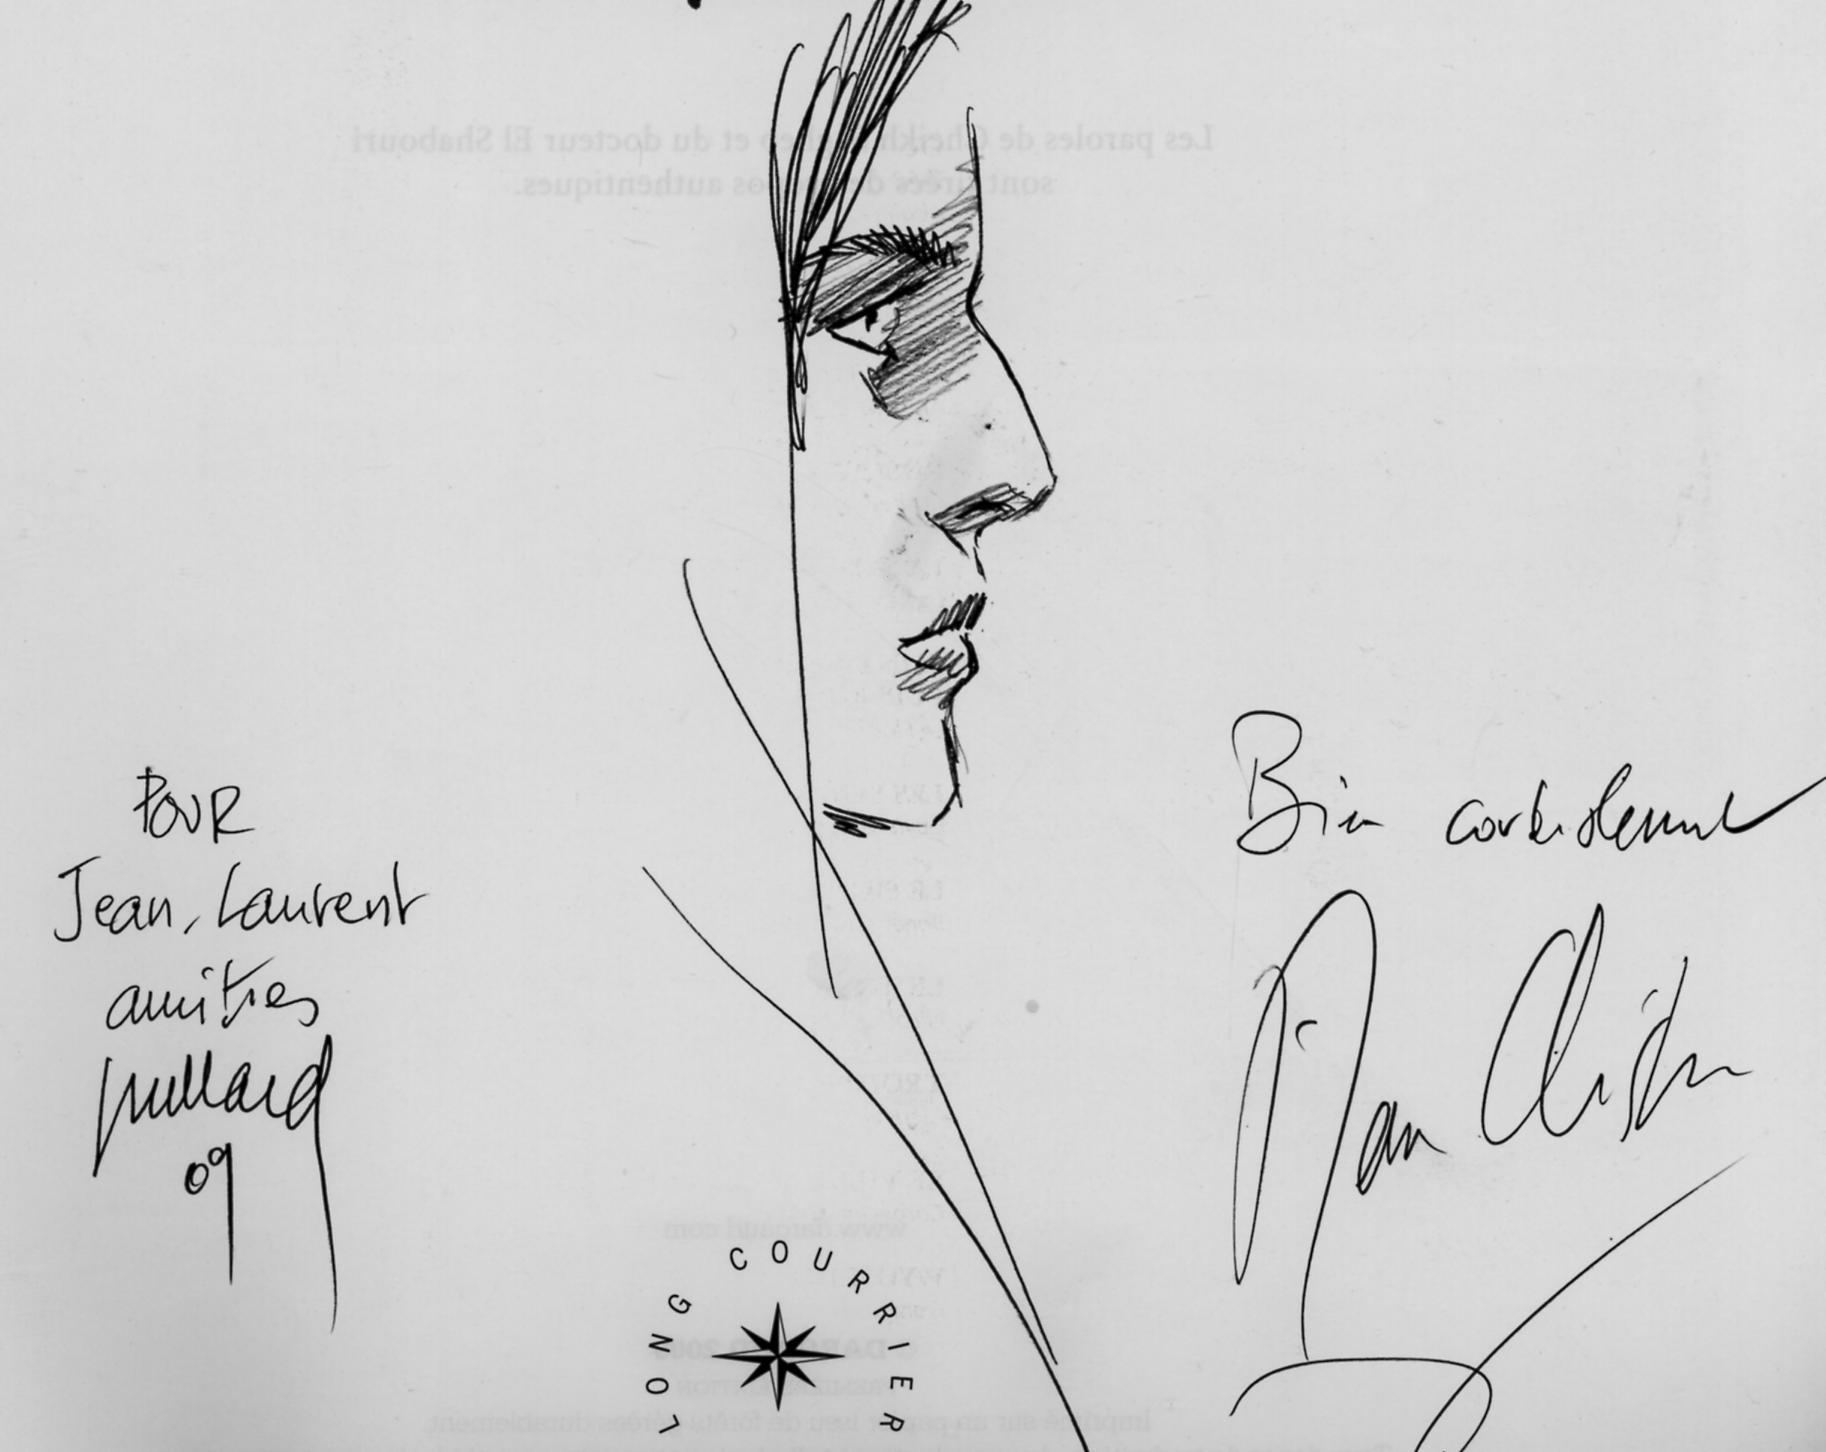 Archives : quand André Juillard évoquait les débuts de Léna